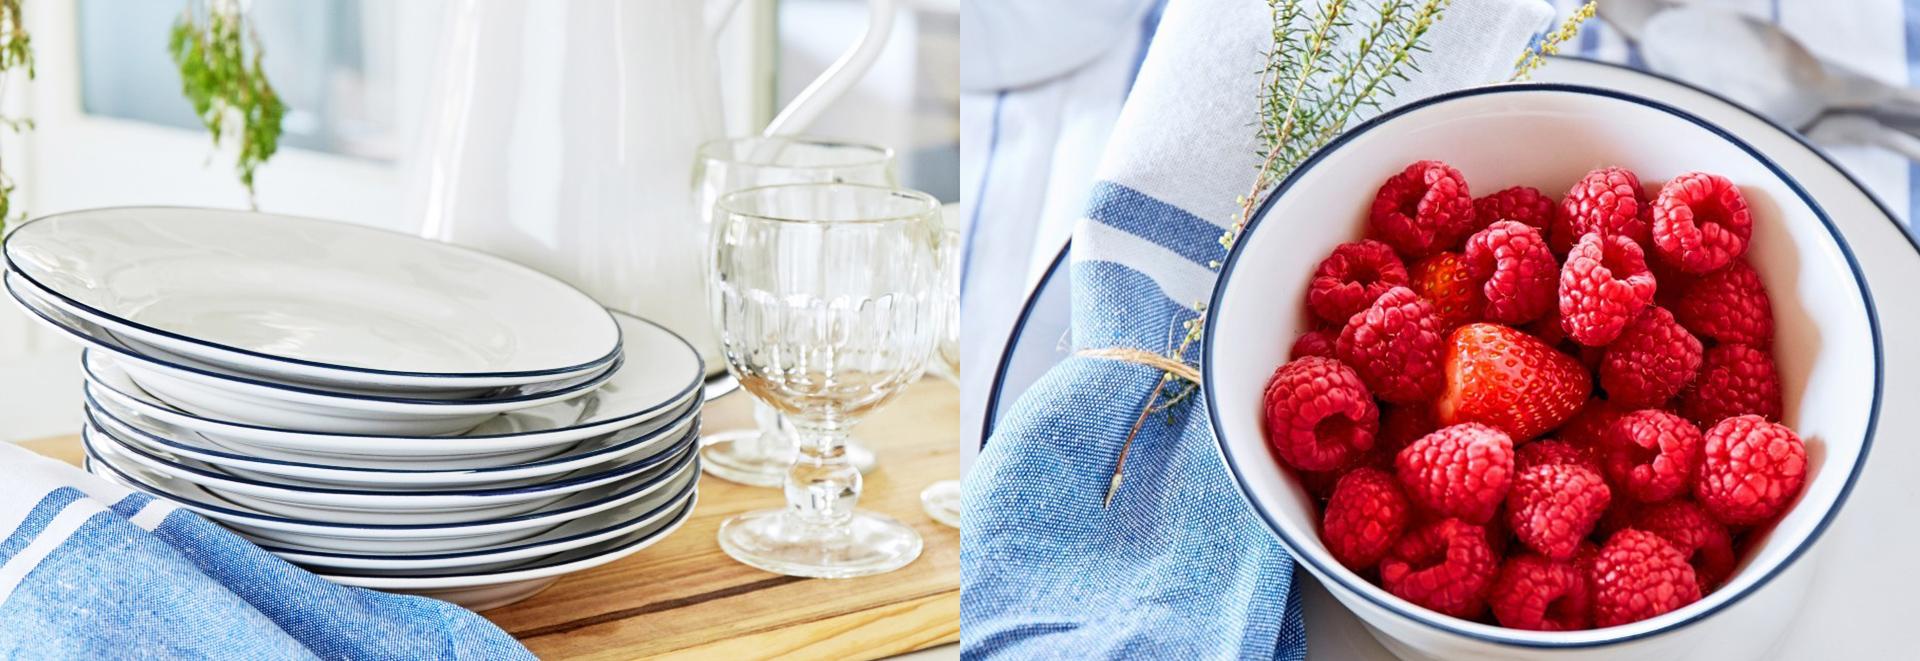 ポルトガルのBejaの街にインスピレーションされたベジャシリーズの食器。<br>白と青のシンプルな色の爽やかな食器シリーズ